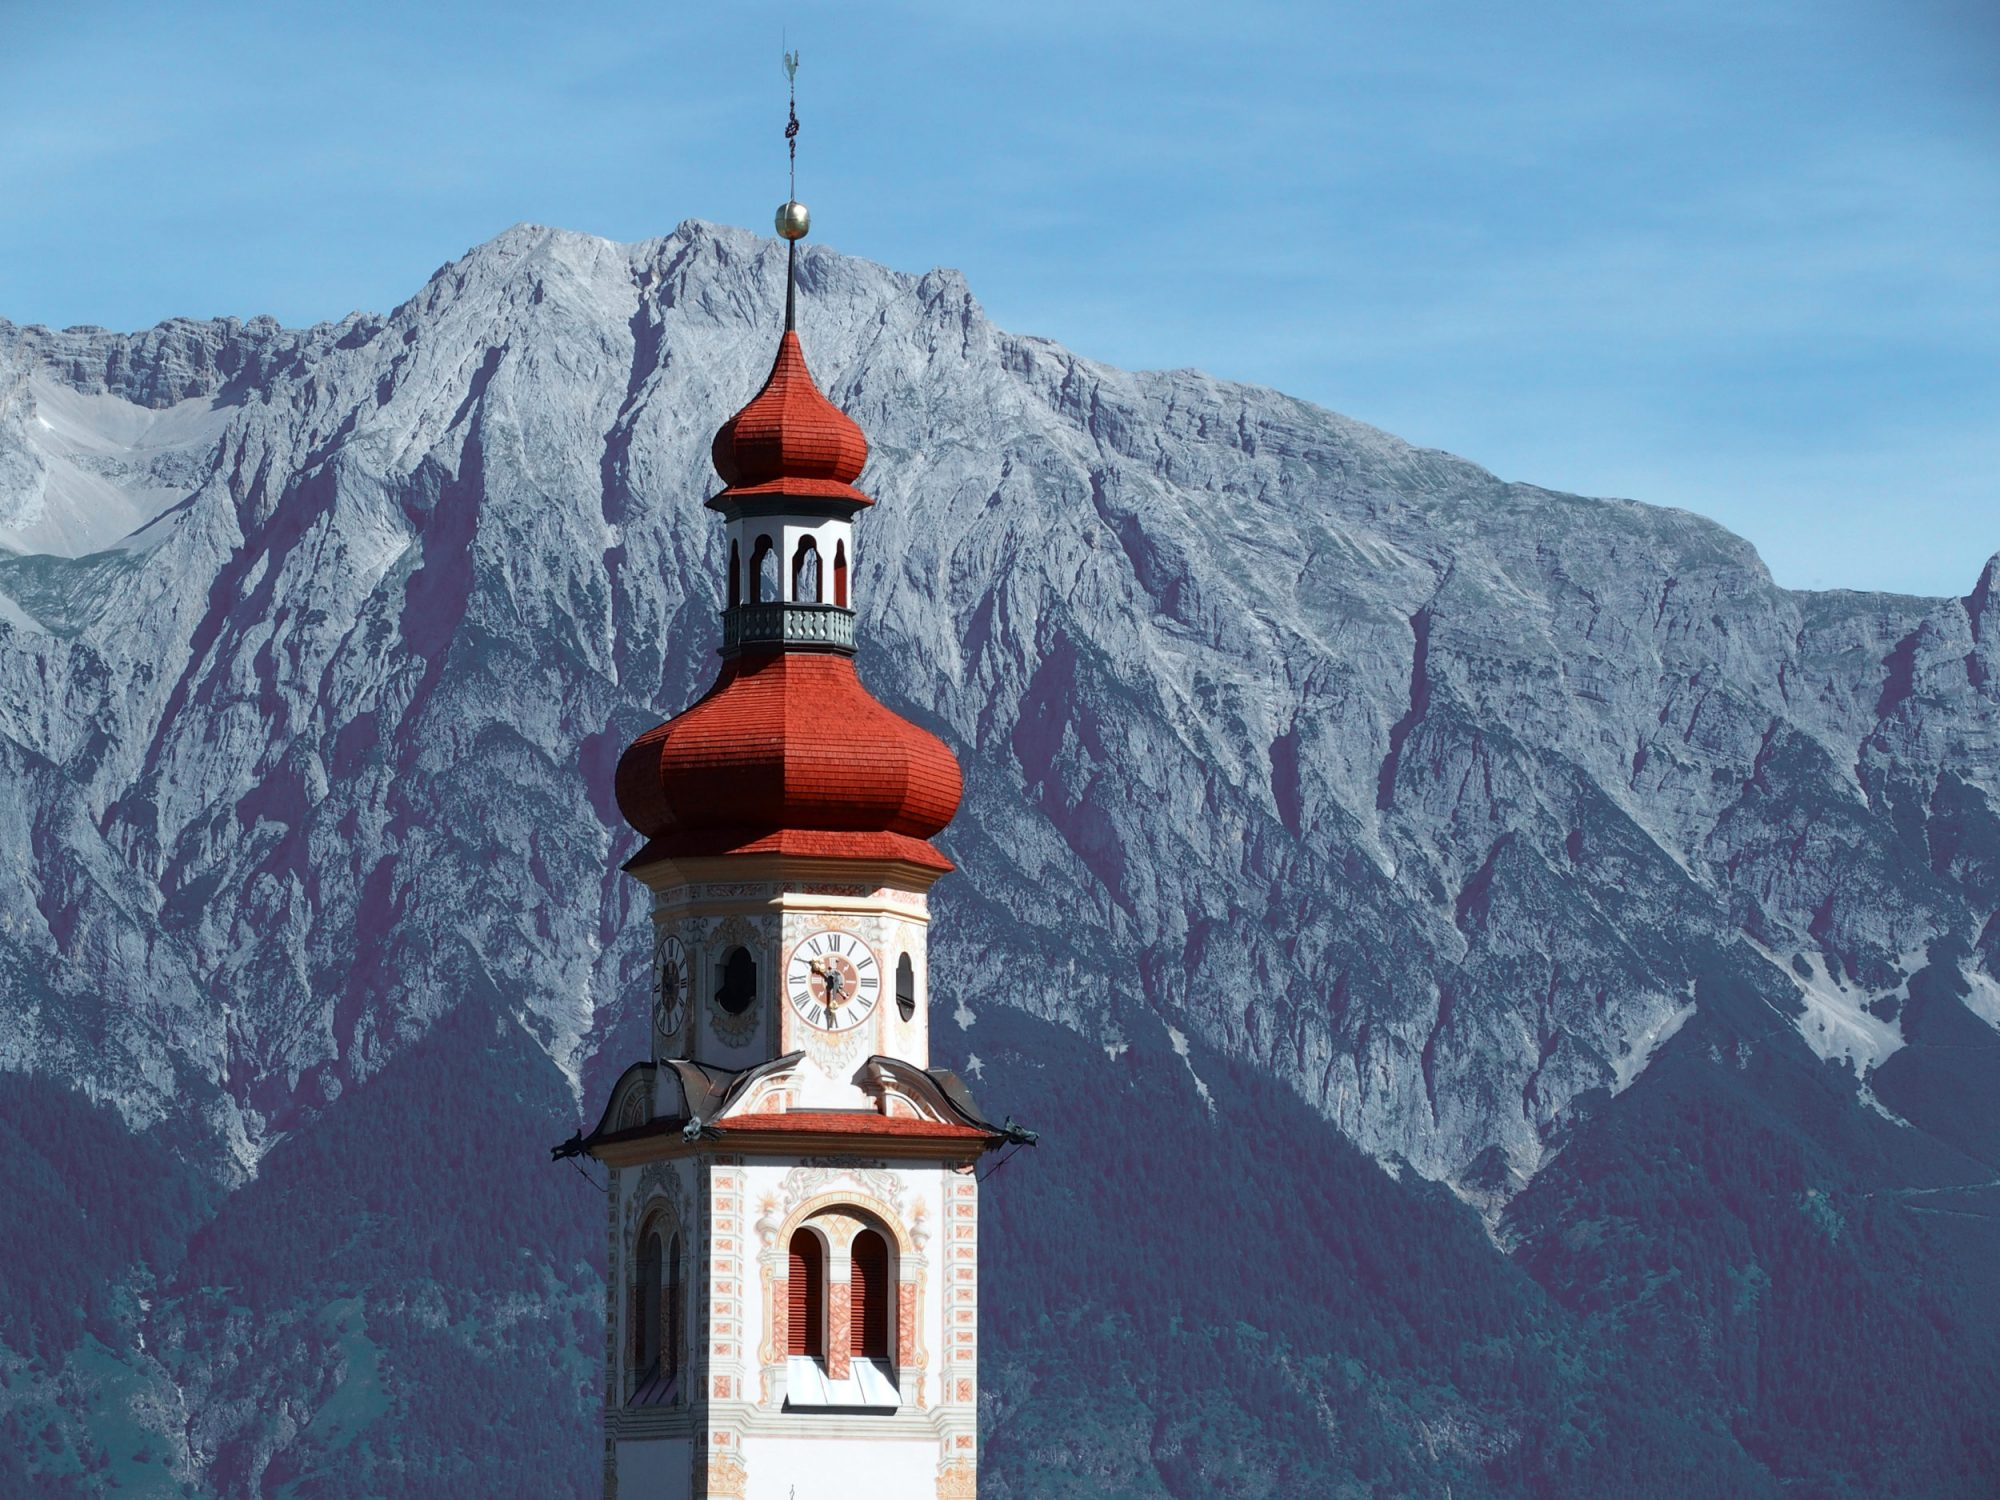 Hall, Alpenüberquerung Traumpfad Venedig-München Weitwanderung